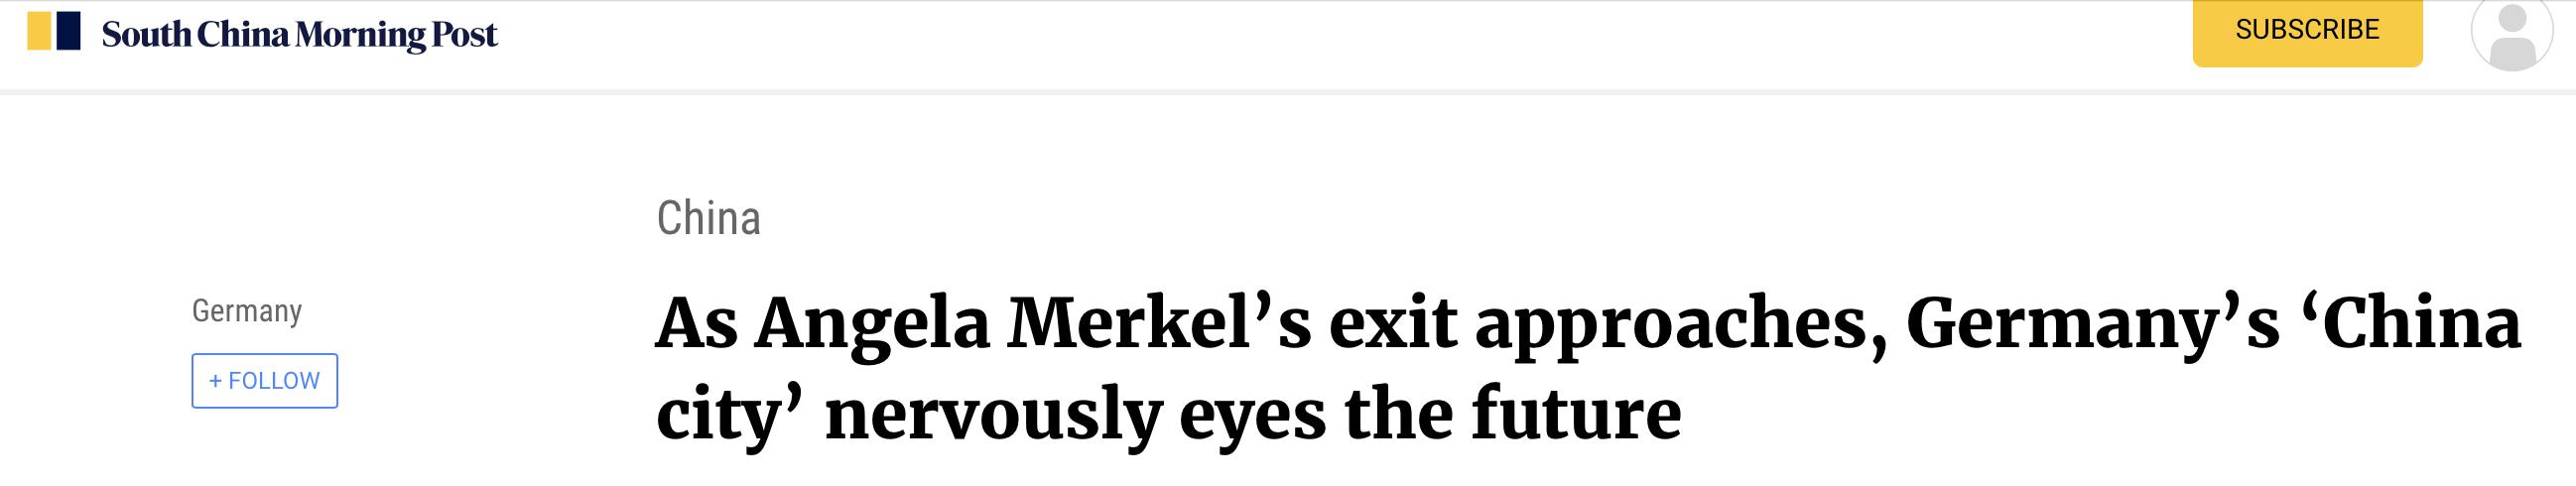 默克尔即将卸任,德国与中国的关系何去何从?